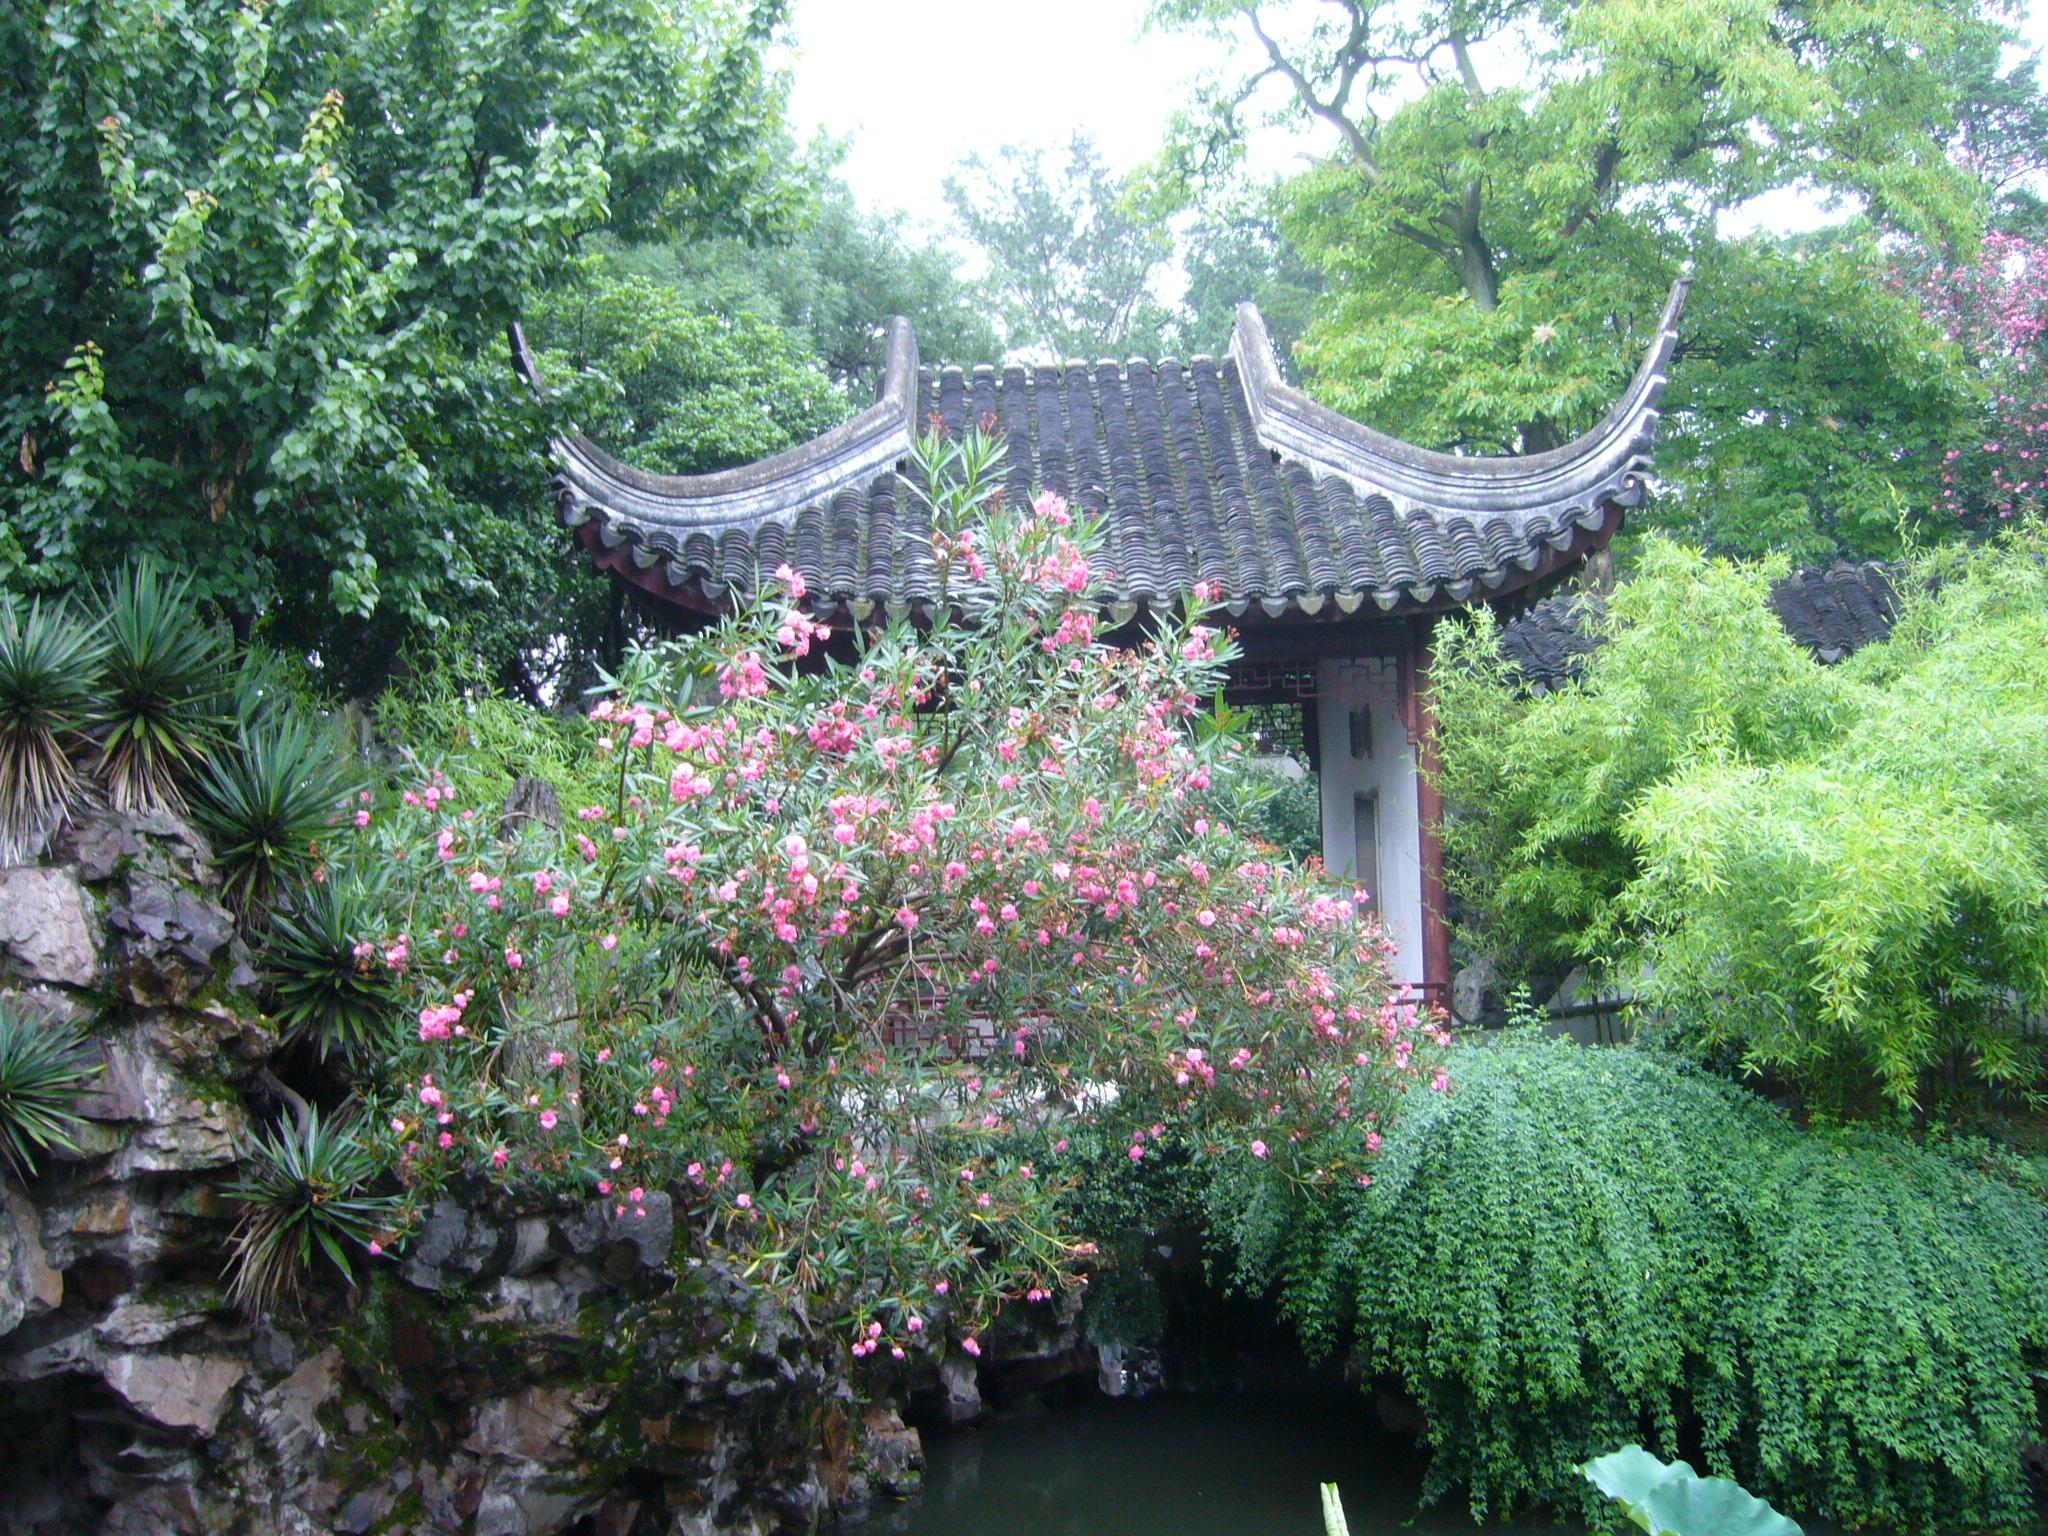 Sozhou, grad sa najlepšim baštama na svetu - Page 2 Classical_Gardens_of_Suzhou-111947